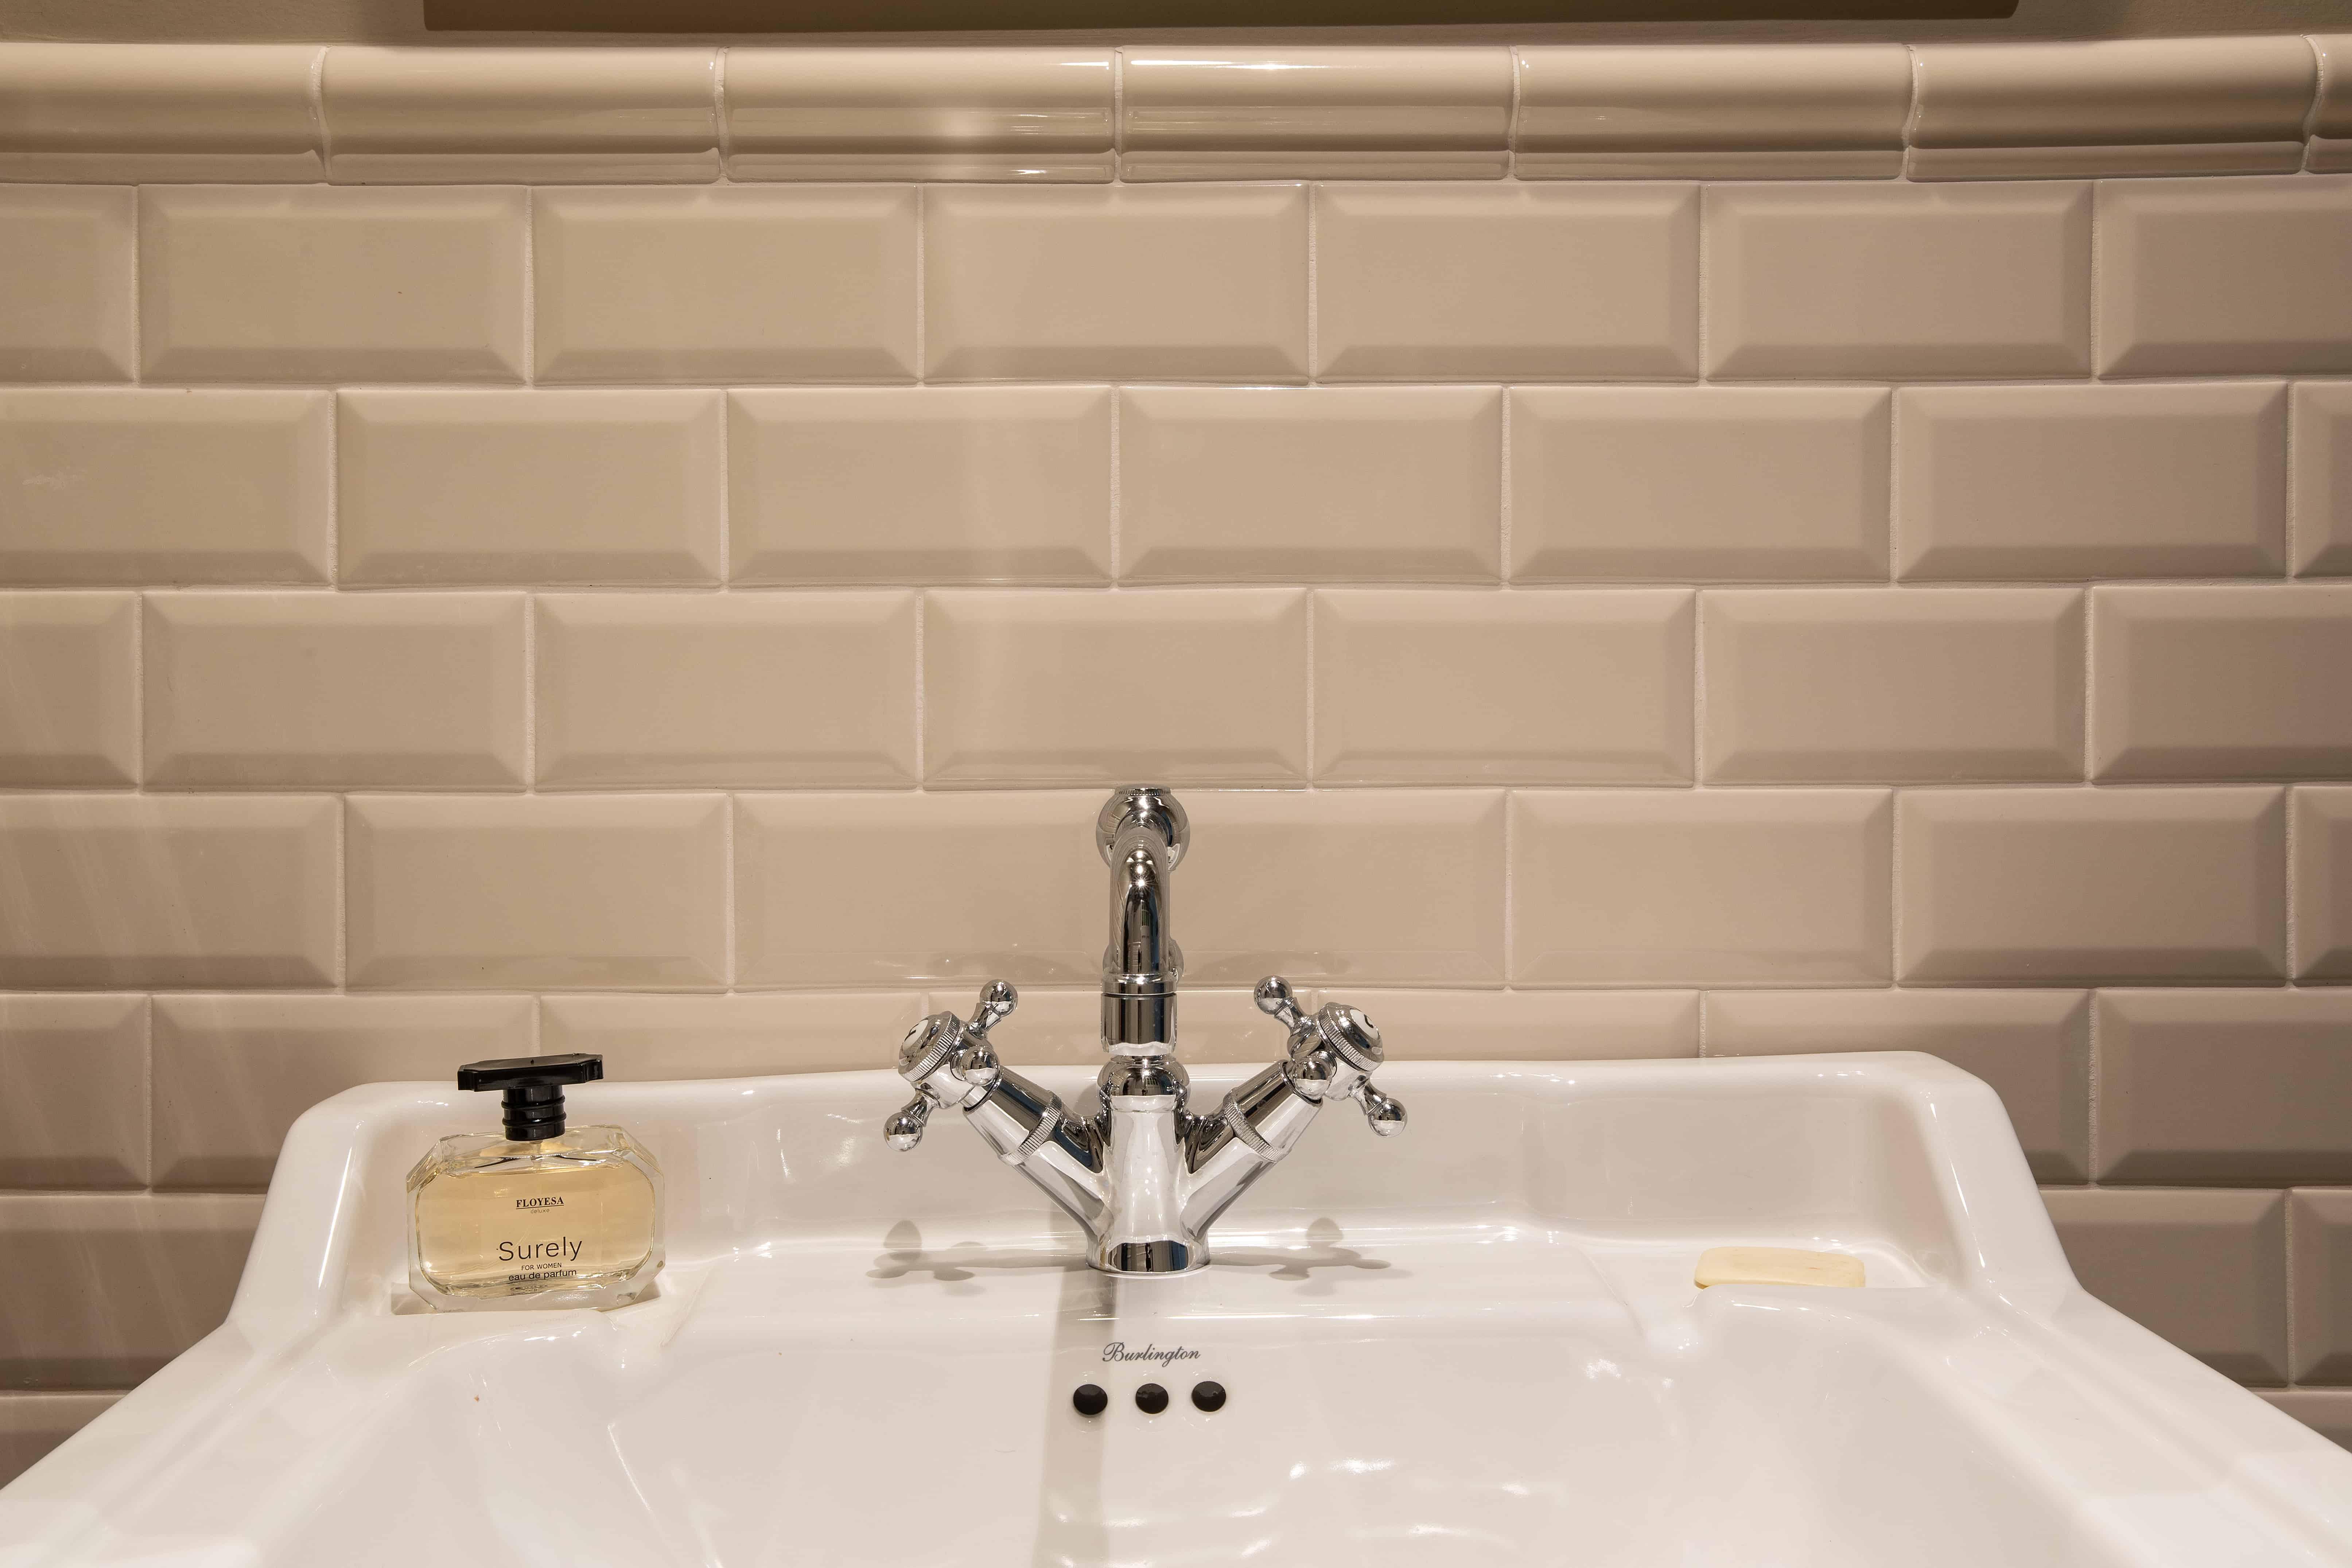 Afwerking badkamer met kleine wandtegels in gebroken wit